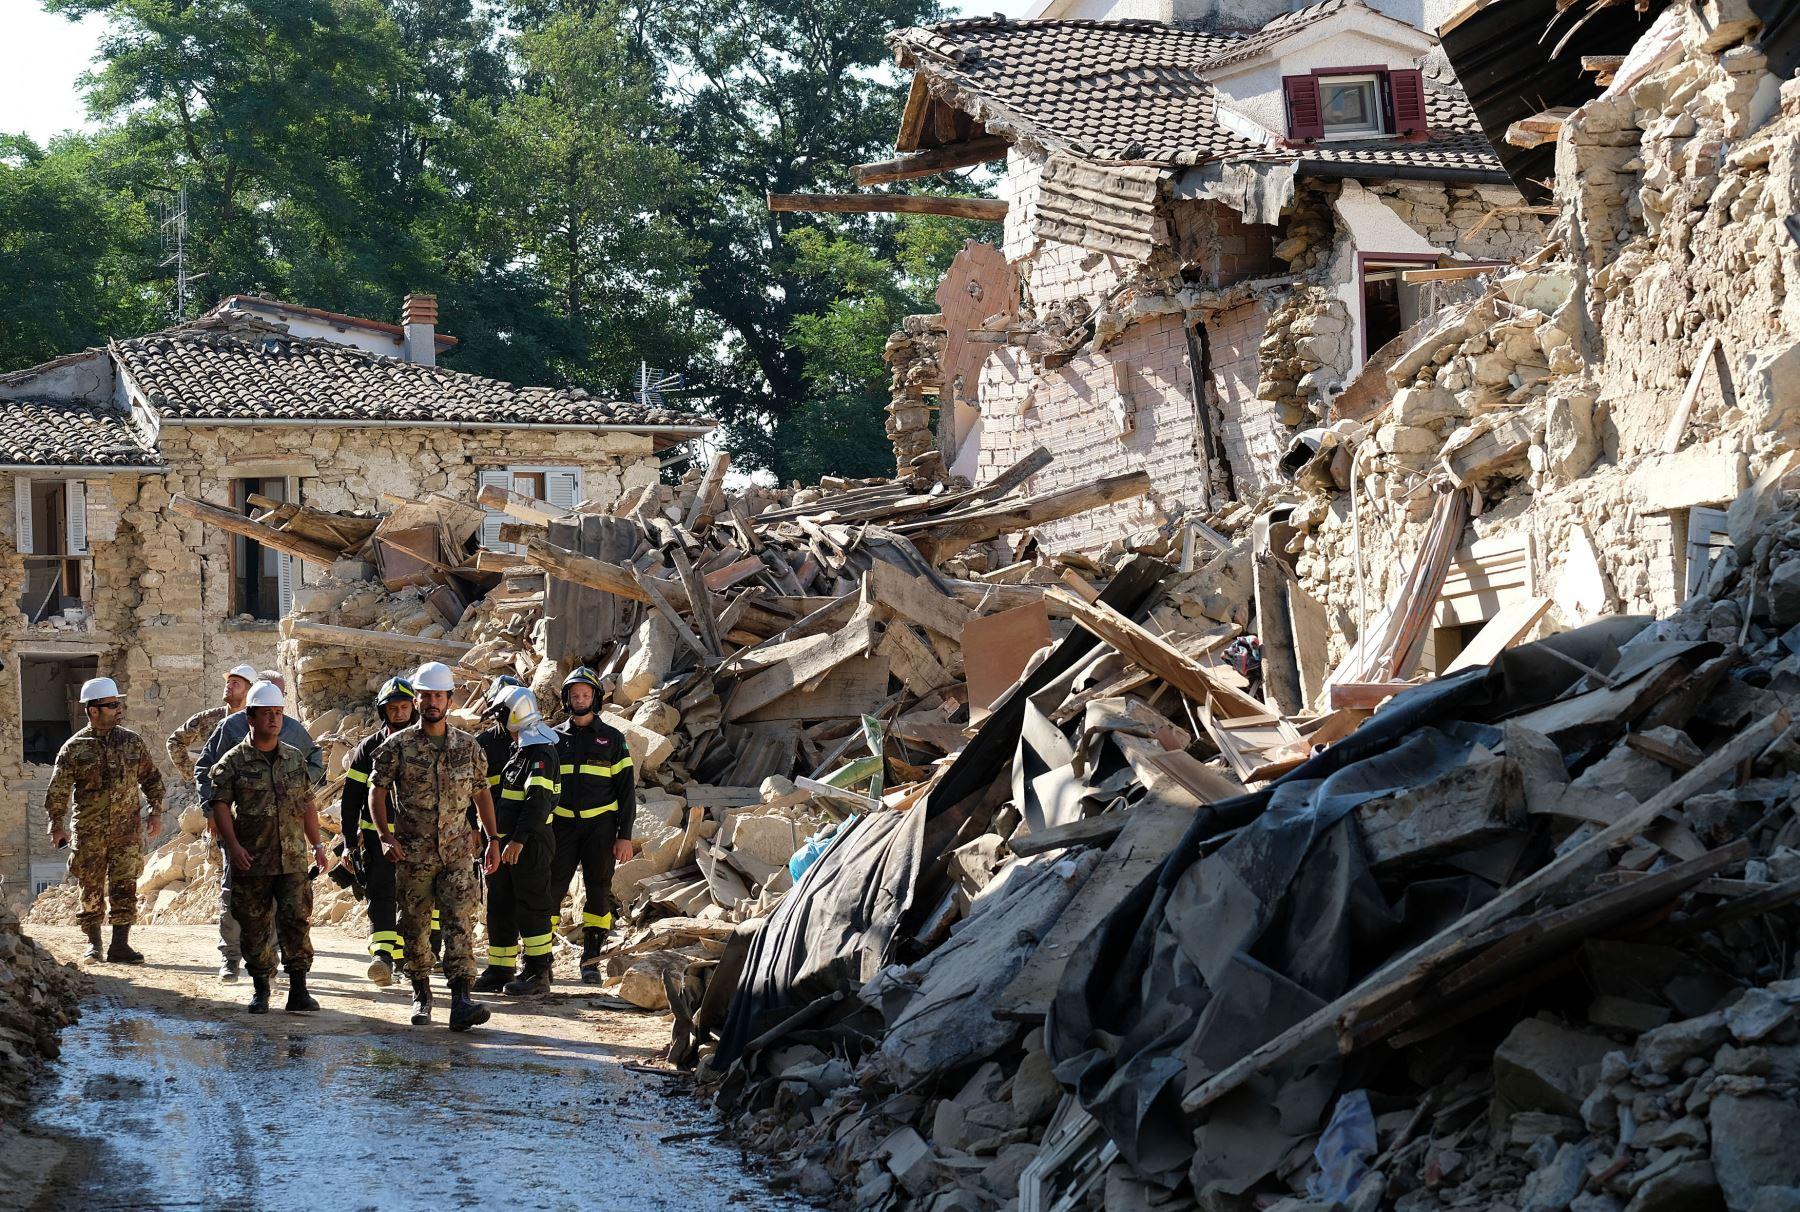 Servicios de emergencia continúan con las labores de búsqueda de víctimas del terremoto en Amatrice, Italia. Foto: AFP